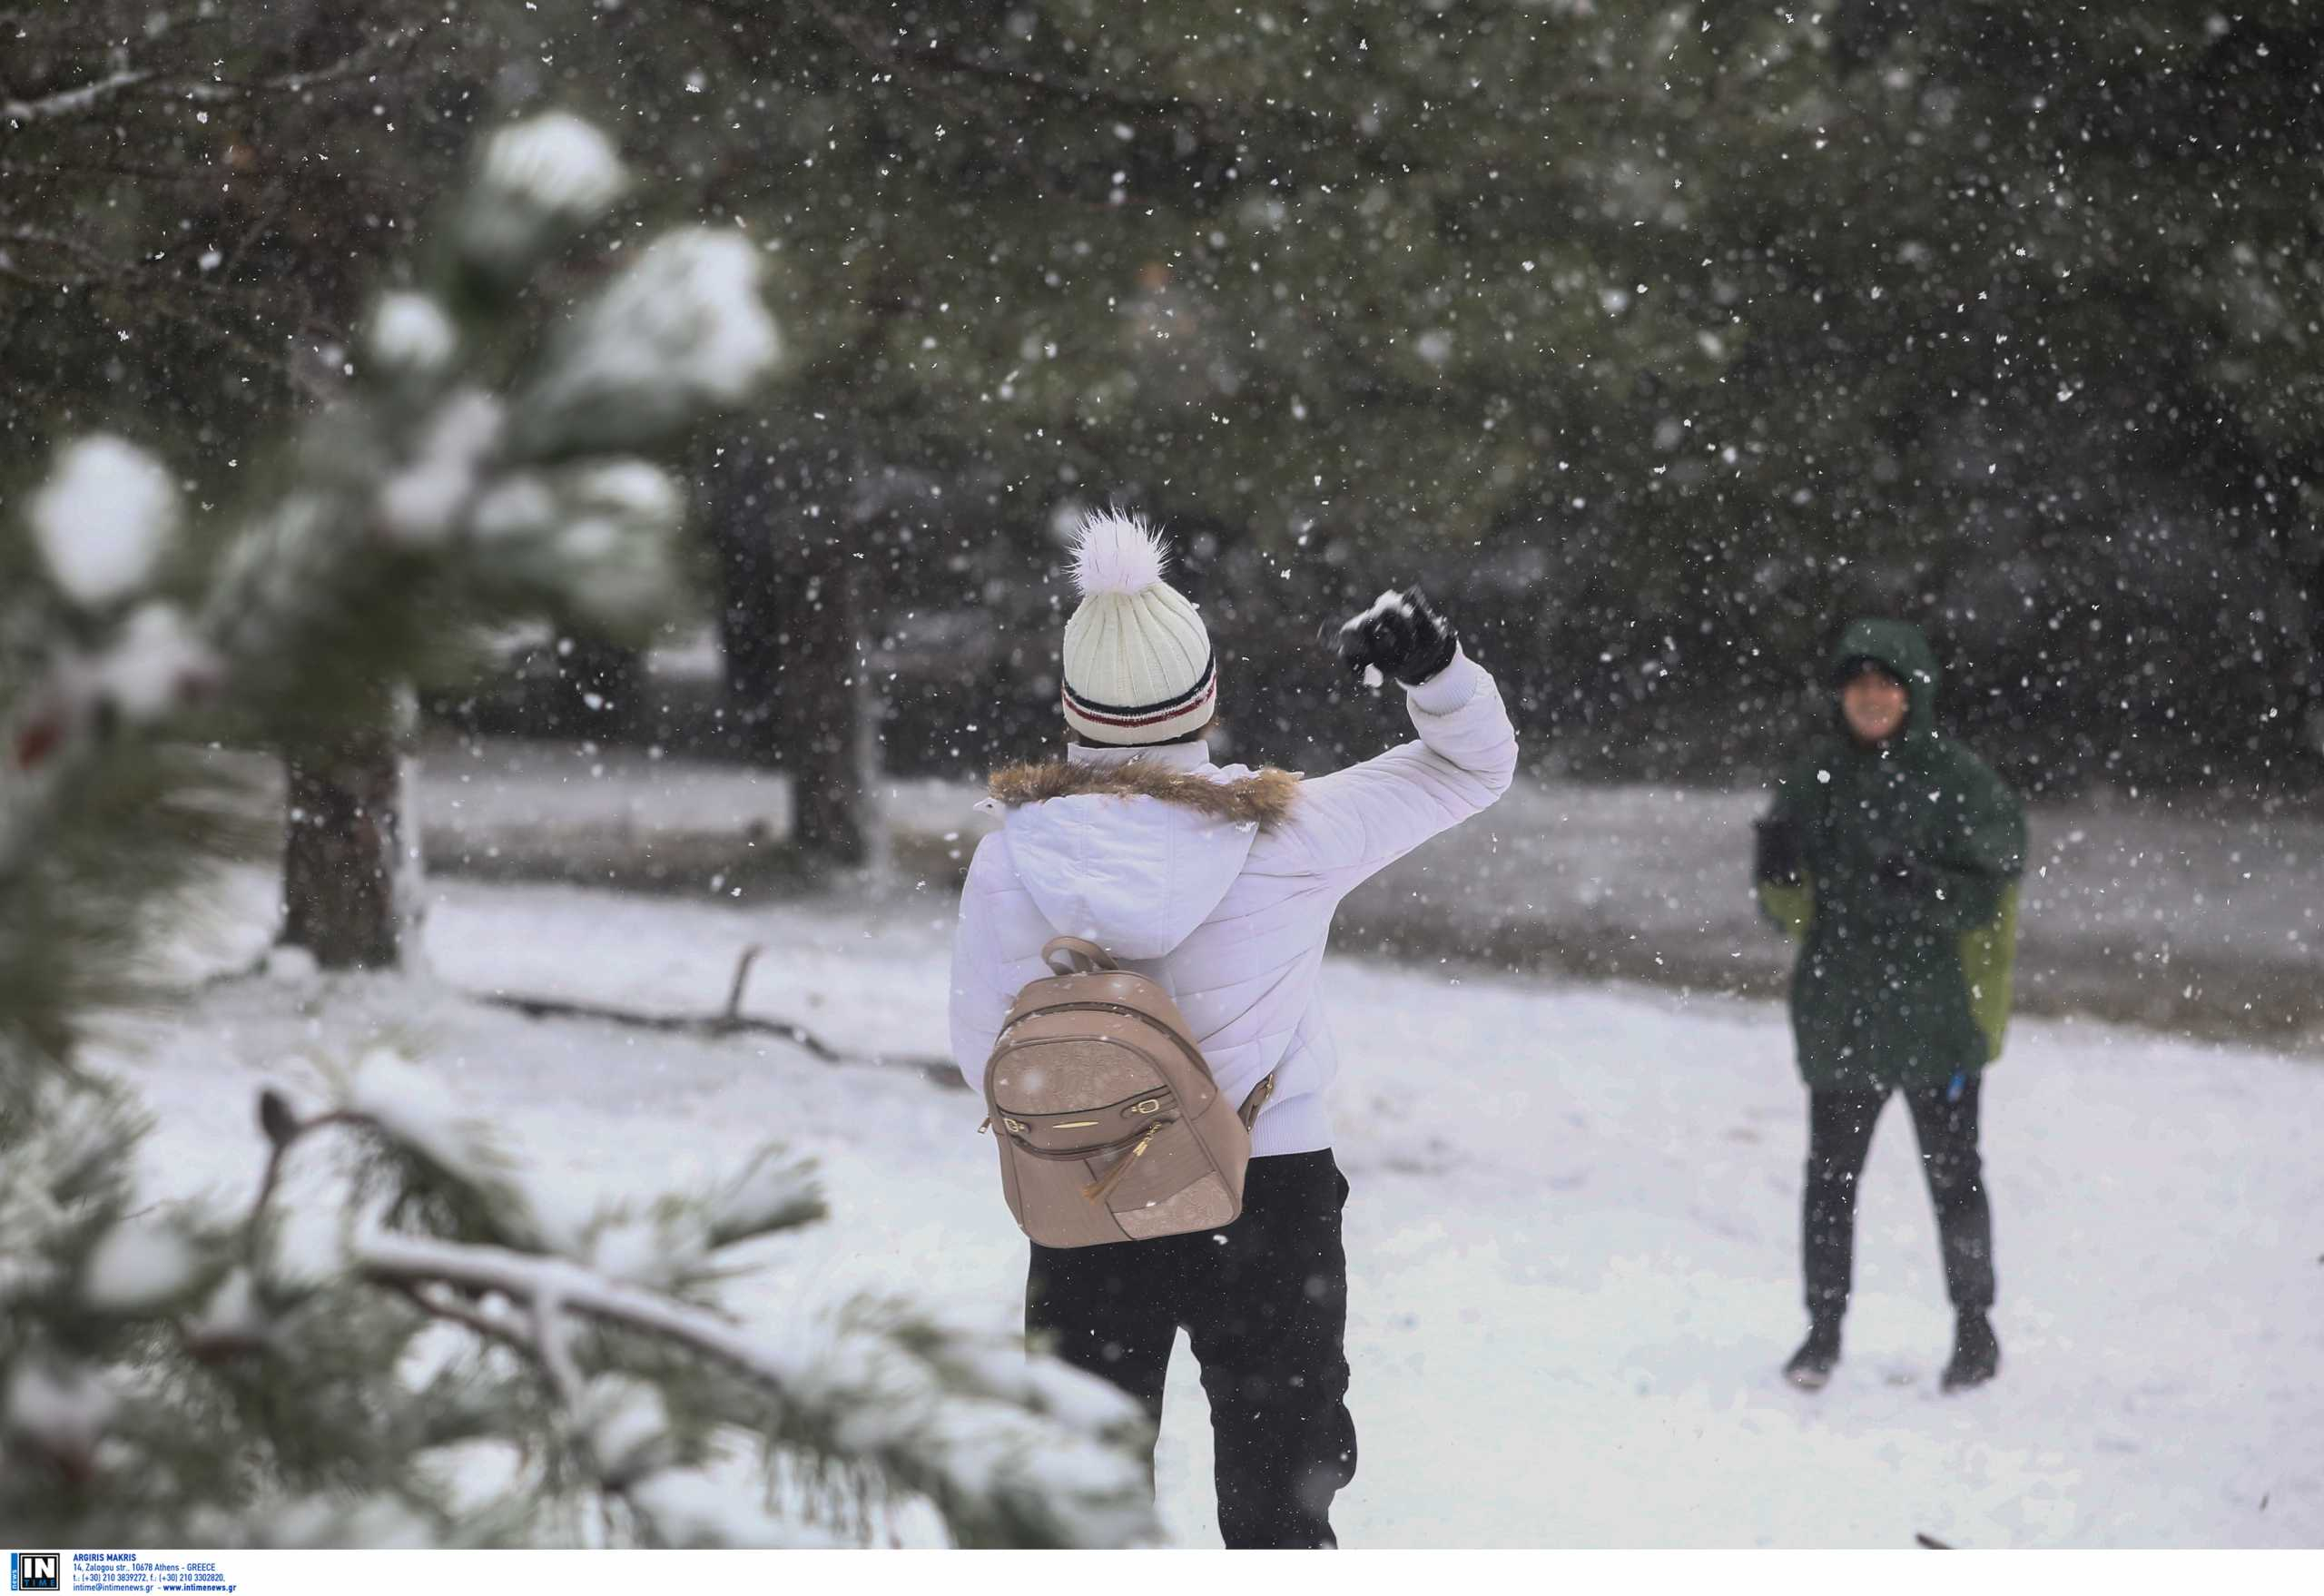 Καιρός – Καλλιάνος: Αλλοπρόσαλλη κακοκαιρία – Κρύο ως την Τετάρτη, που θα χιονίσει